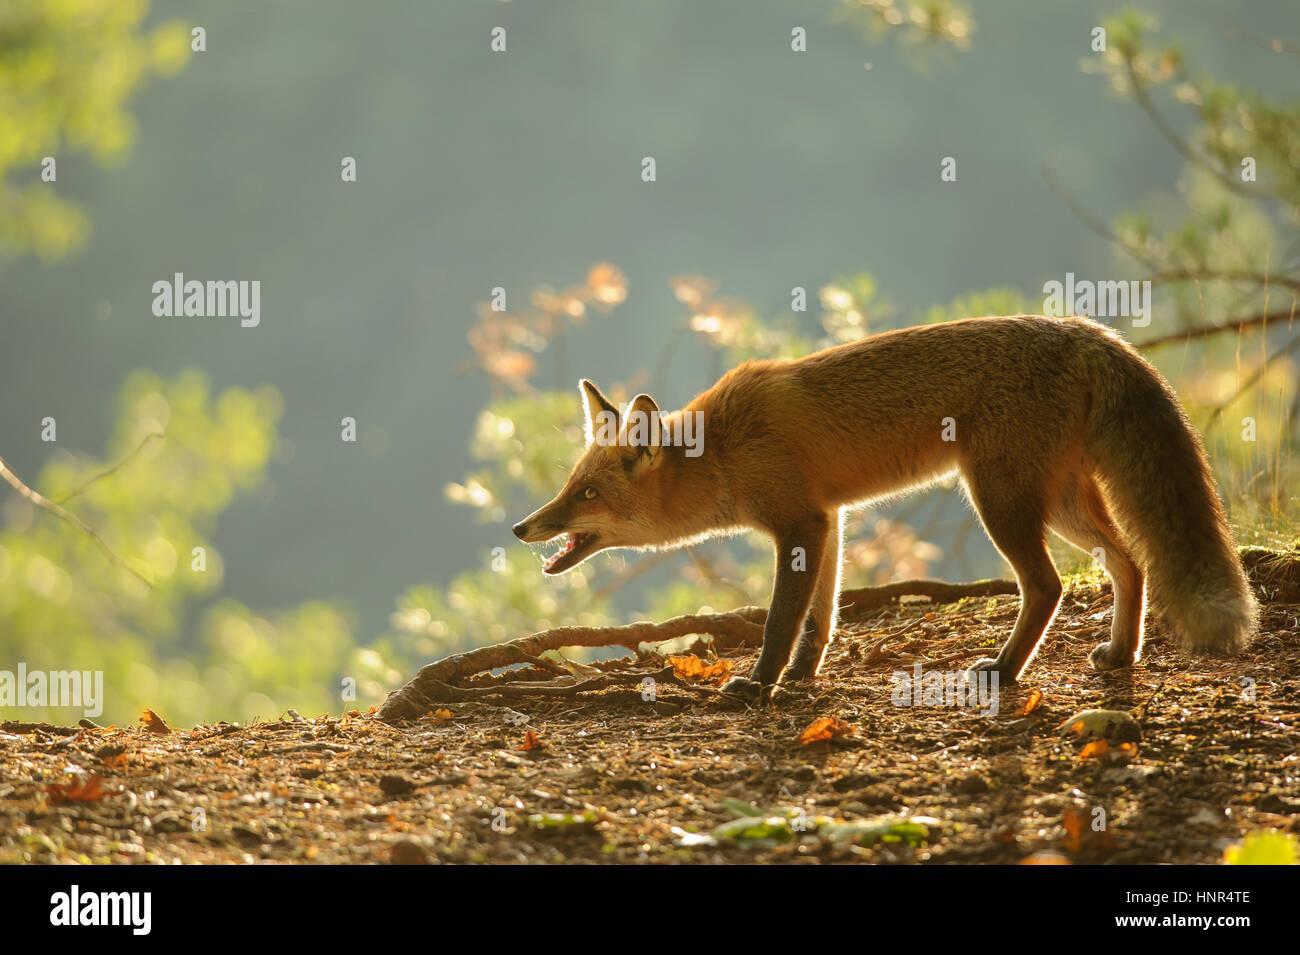 Geduckte Rotfuchs in Schönheit Herbst Hintergrundbeleuchtung mit offenem Mund Stockbild